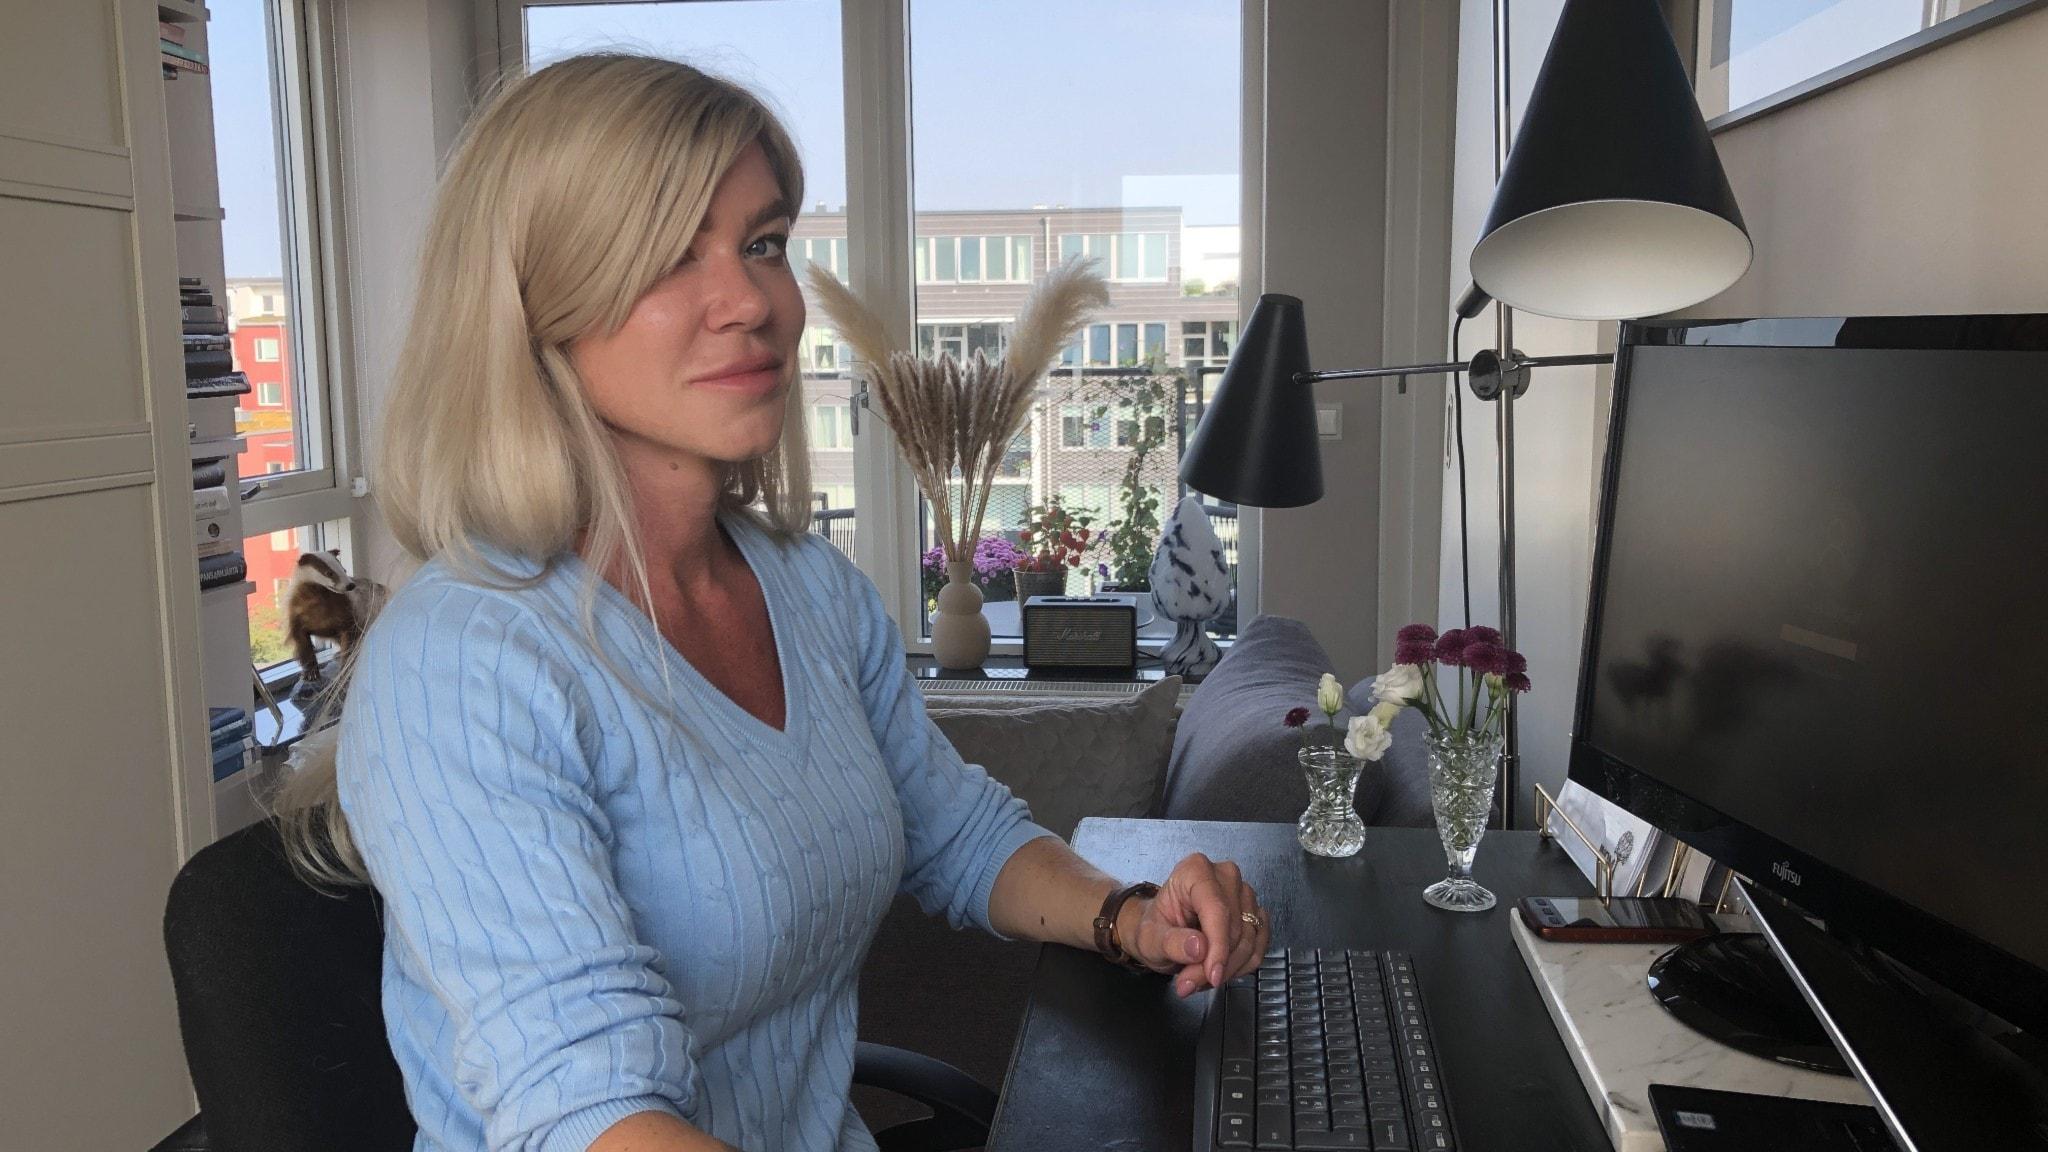 En kvinna sitter vid en datorskärm vid ett skrivbord i sin lägenhet. I bakgrunden syns utsikten genom fönster med blå himmel.